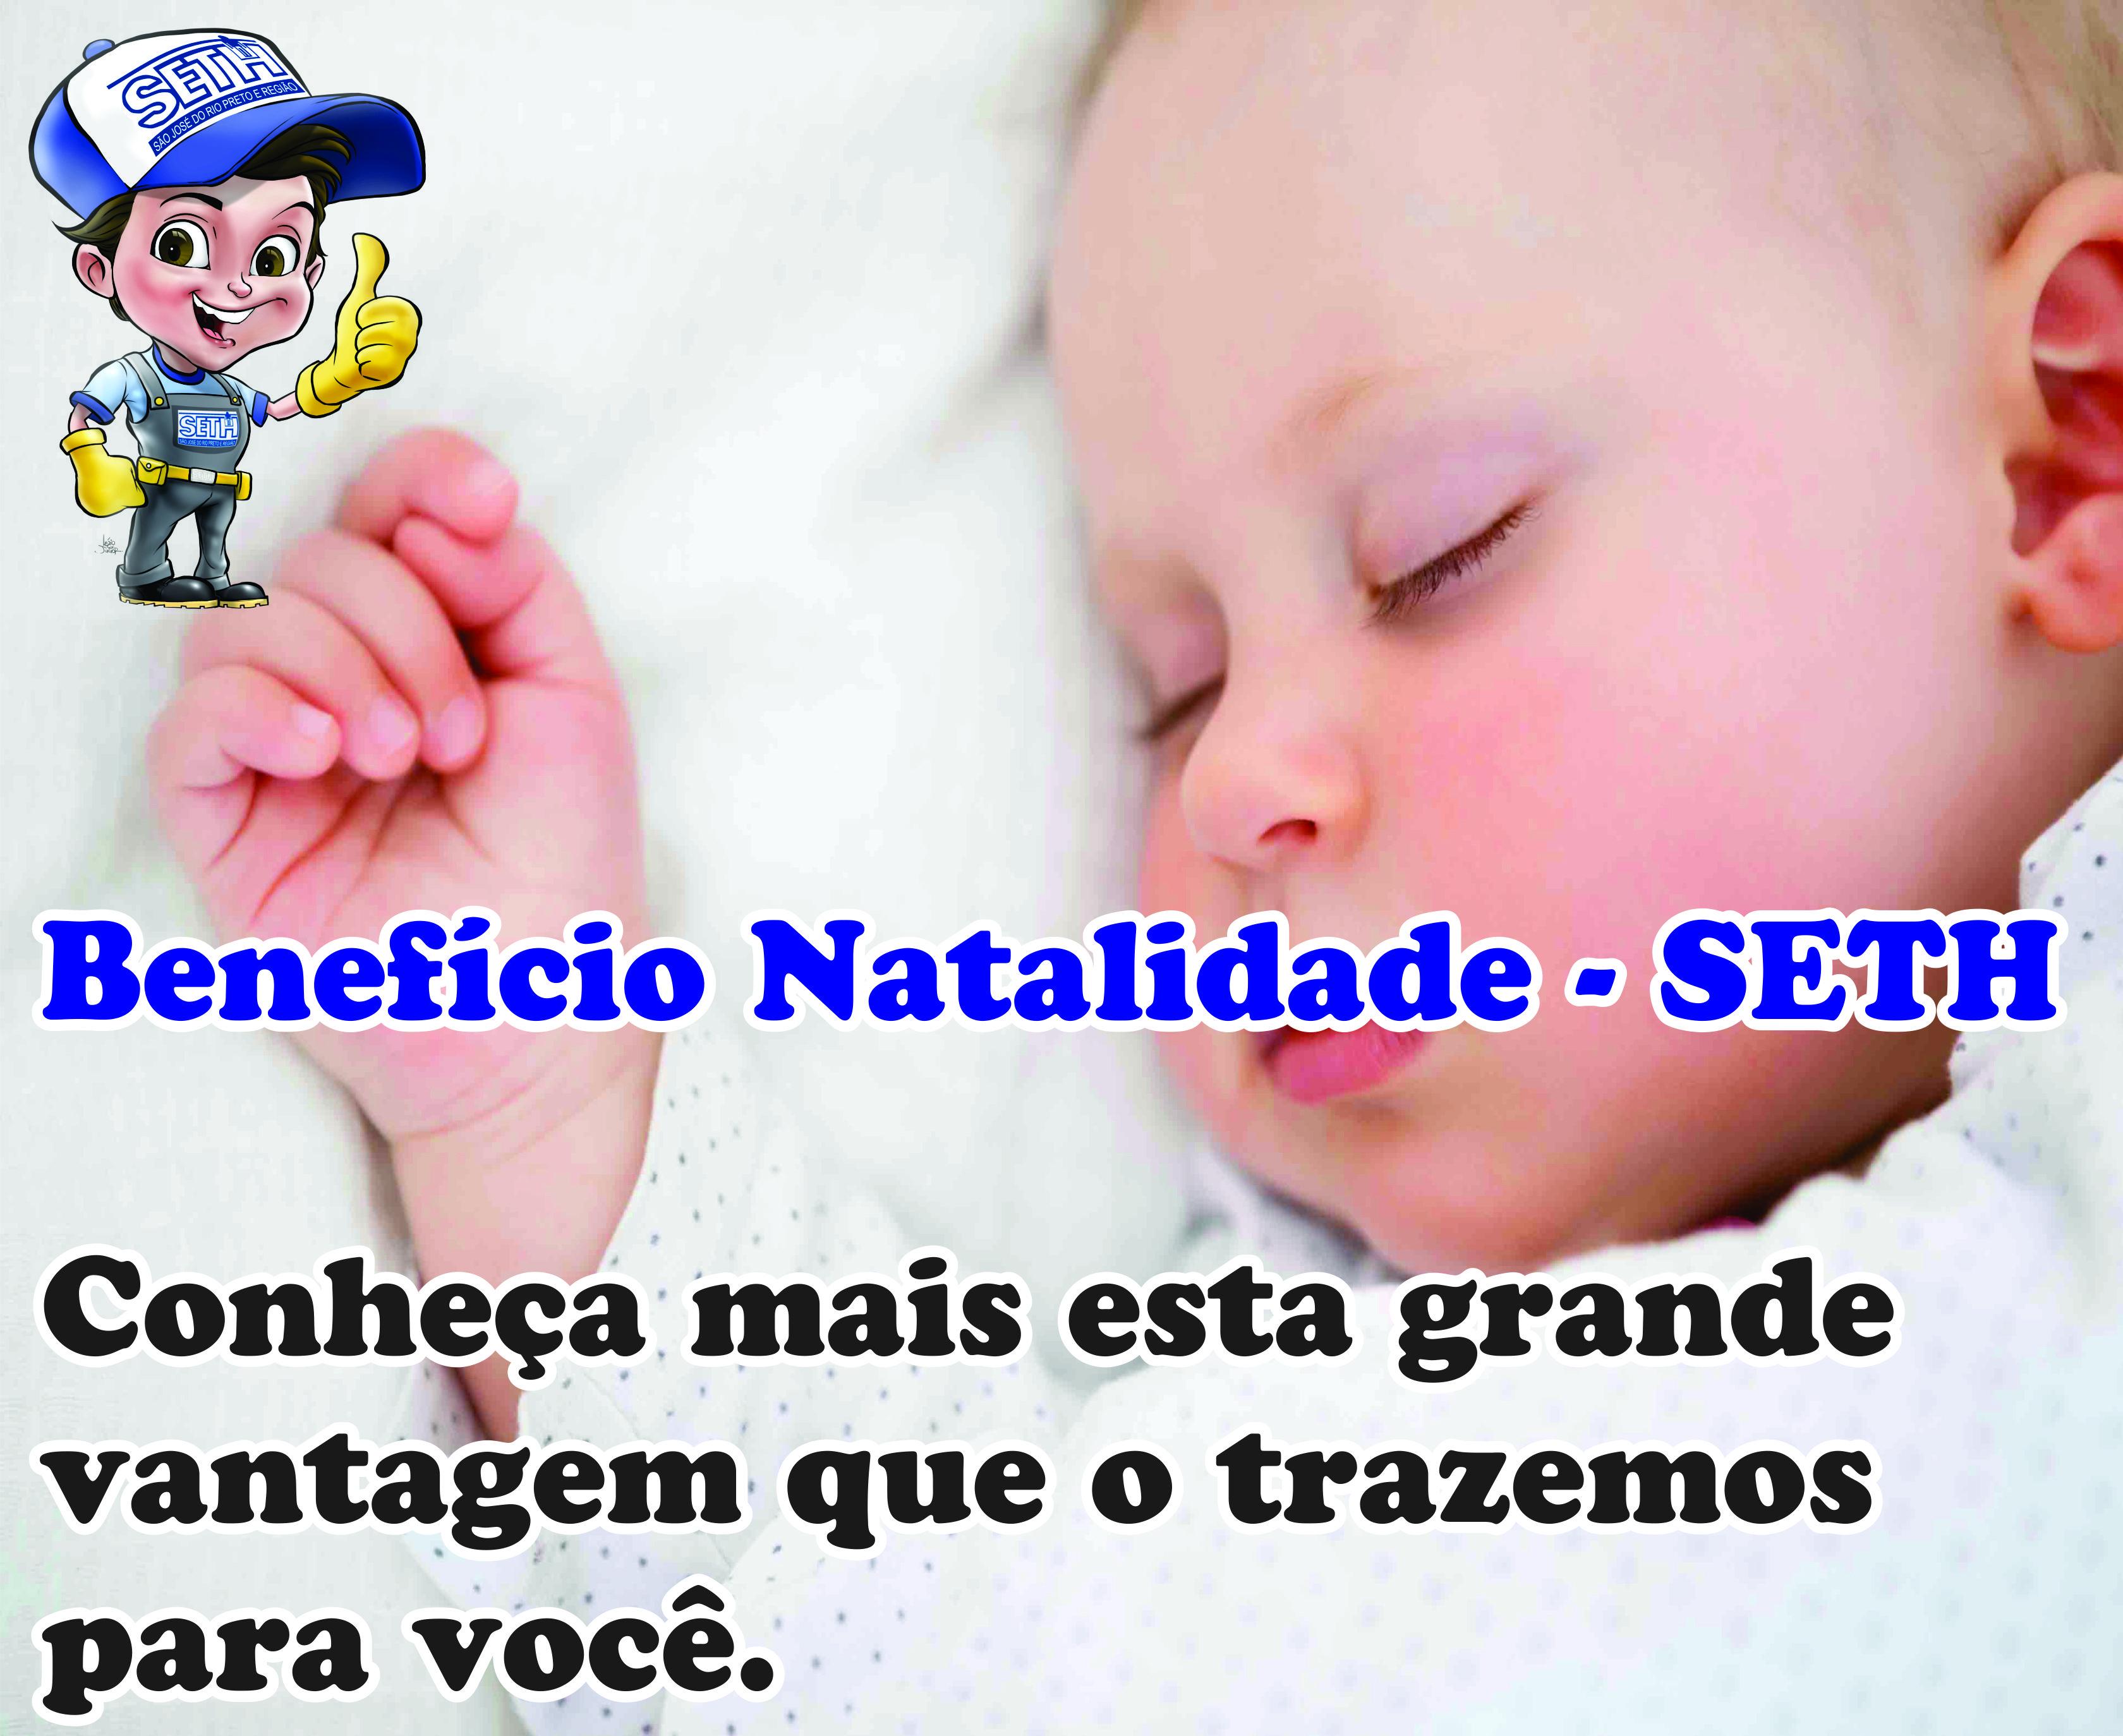 SETH benefícios natalidades